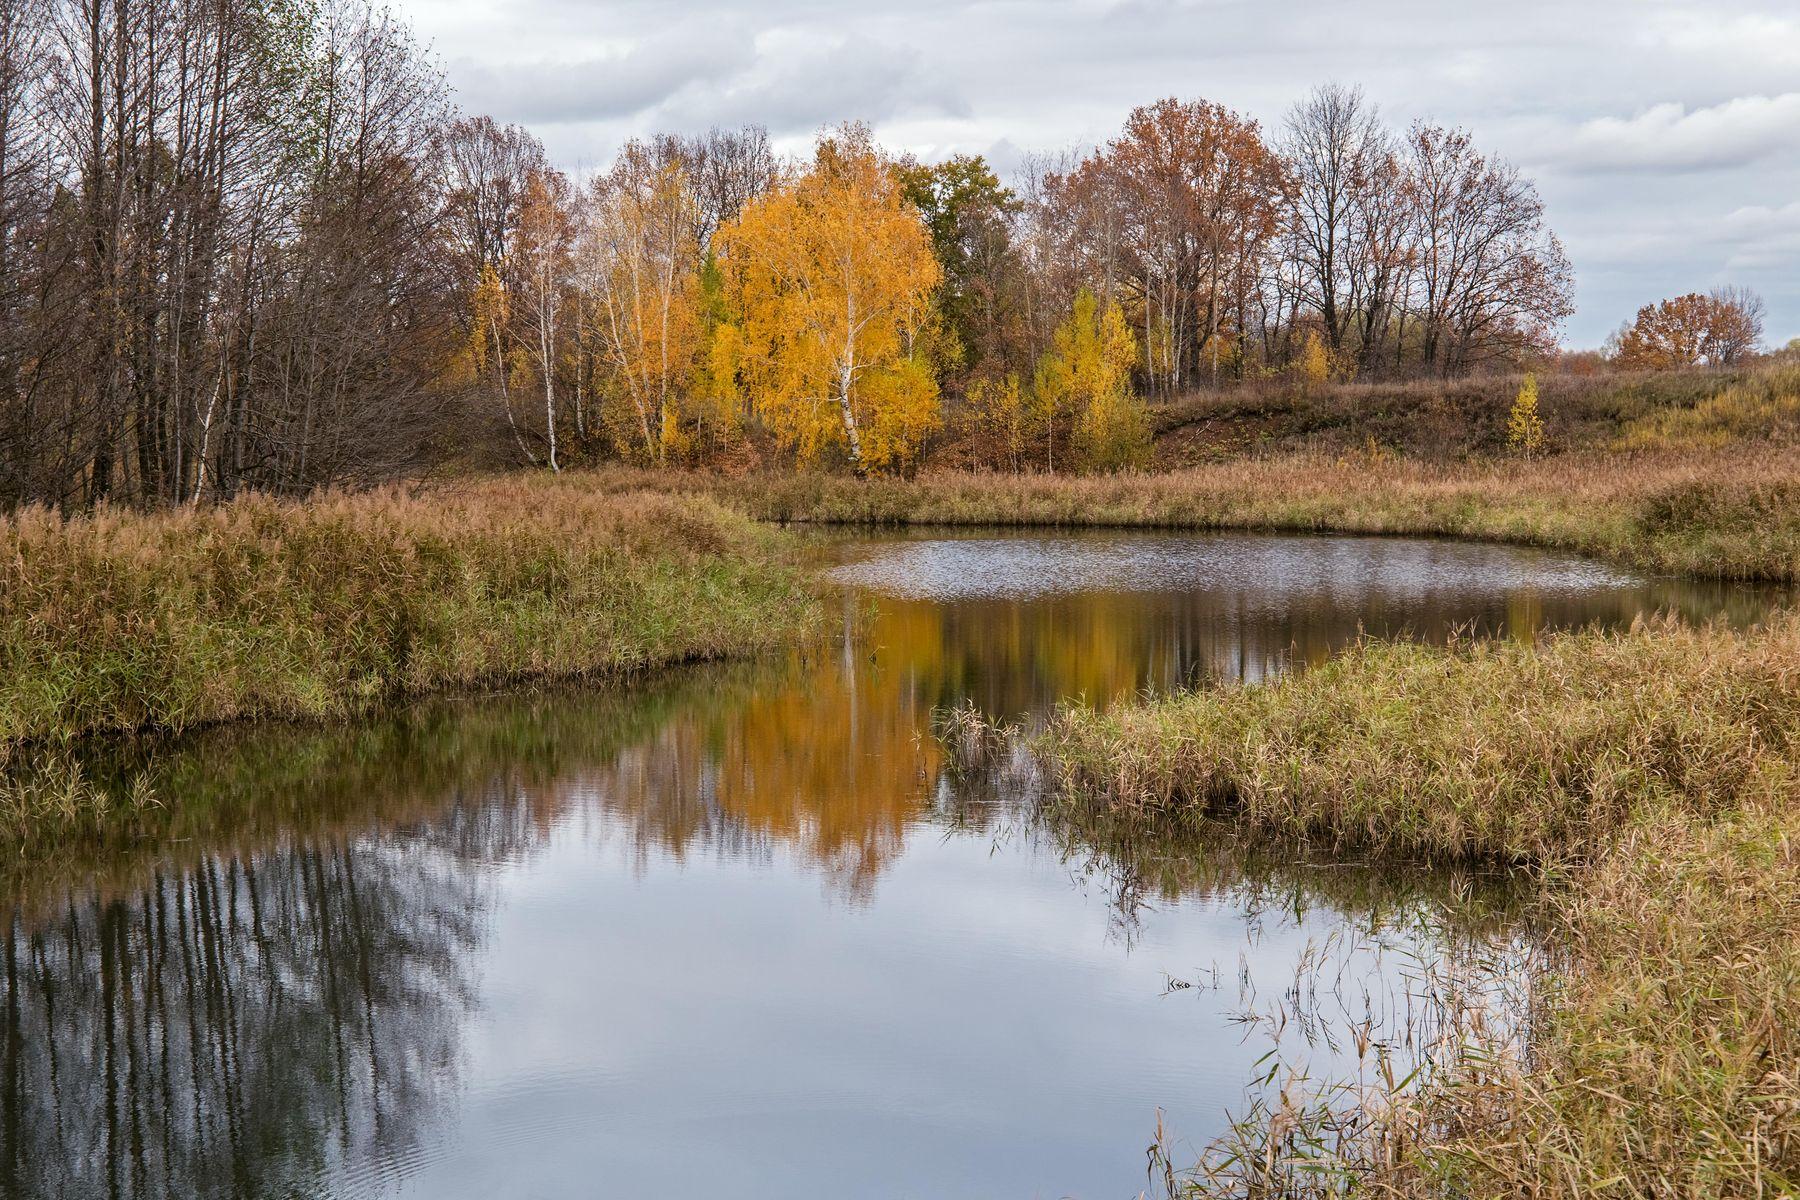 старица р.Казанка природа пейзаж осень река казанка.старица татарстан борисоглебское